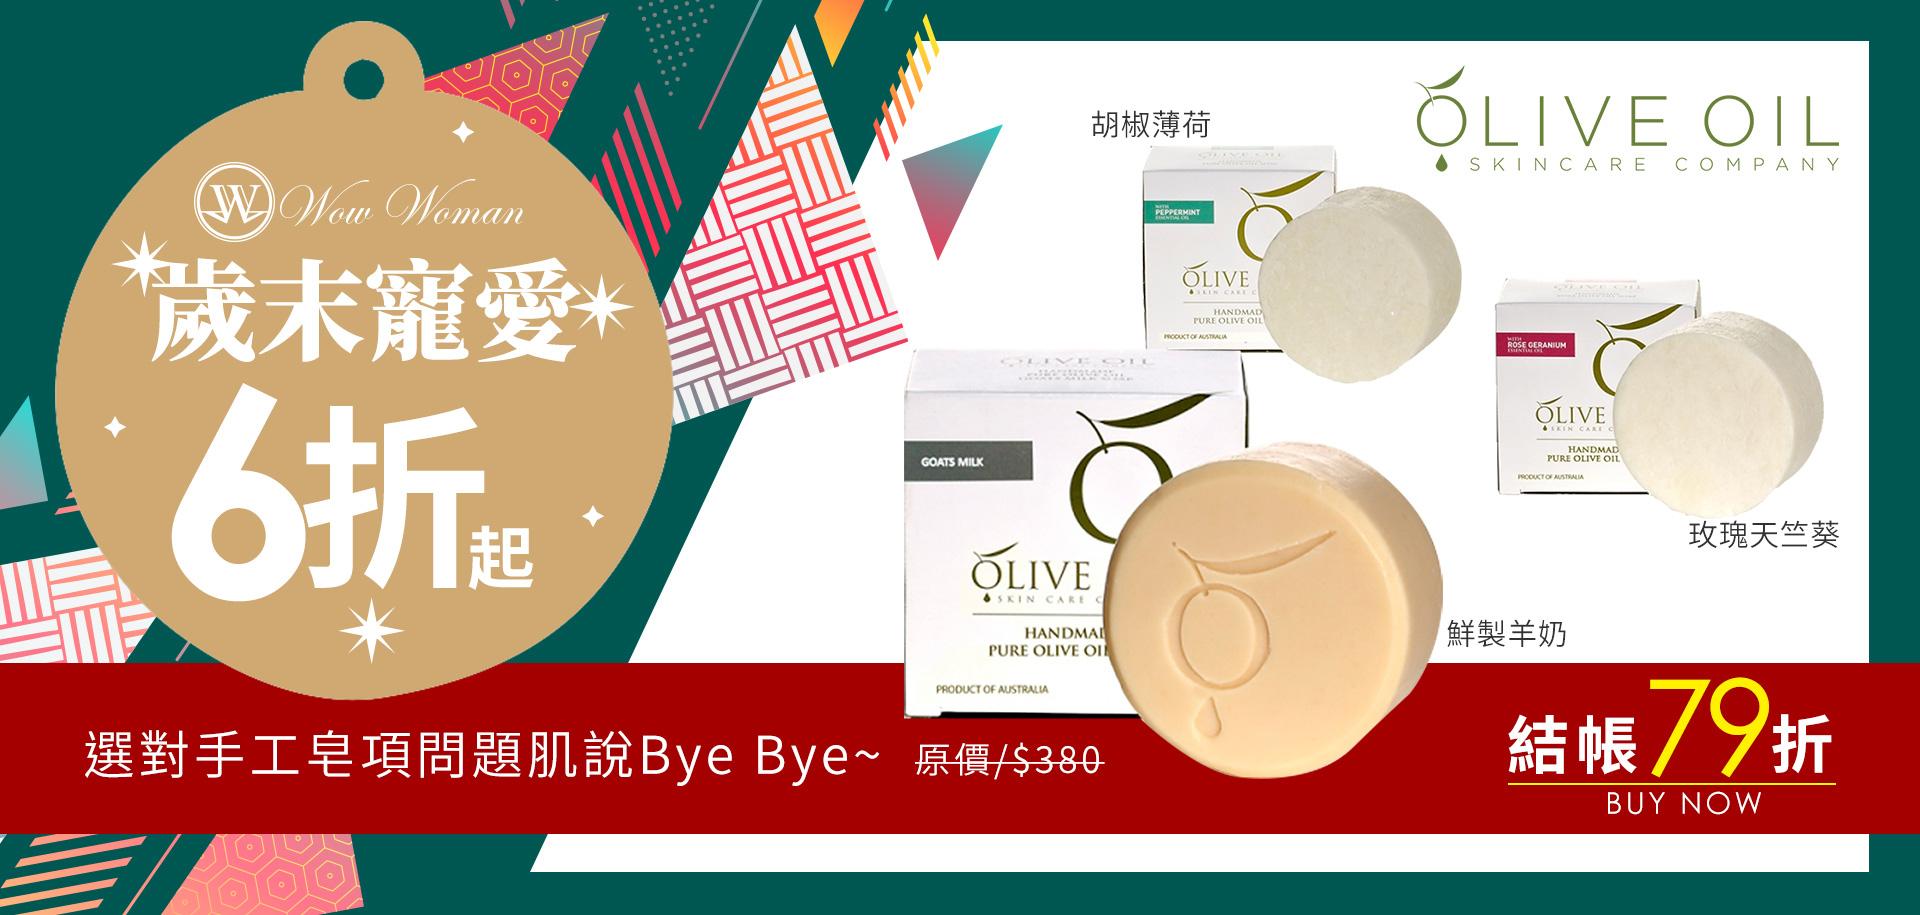 選對手工皂項問題肌說Bye Bye~ 澳洲OLIVE OIL手工皂 結帳79折